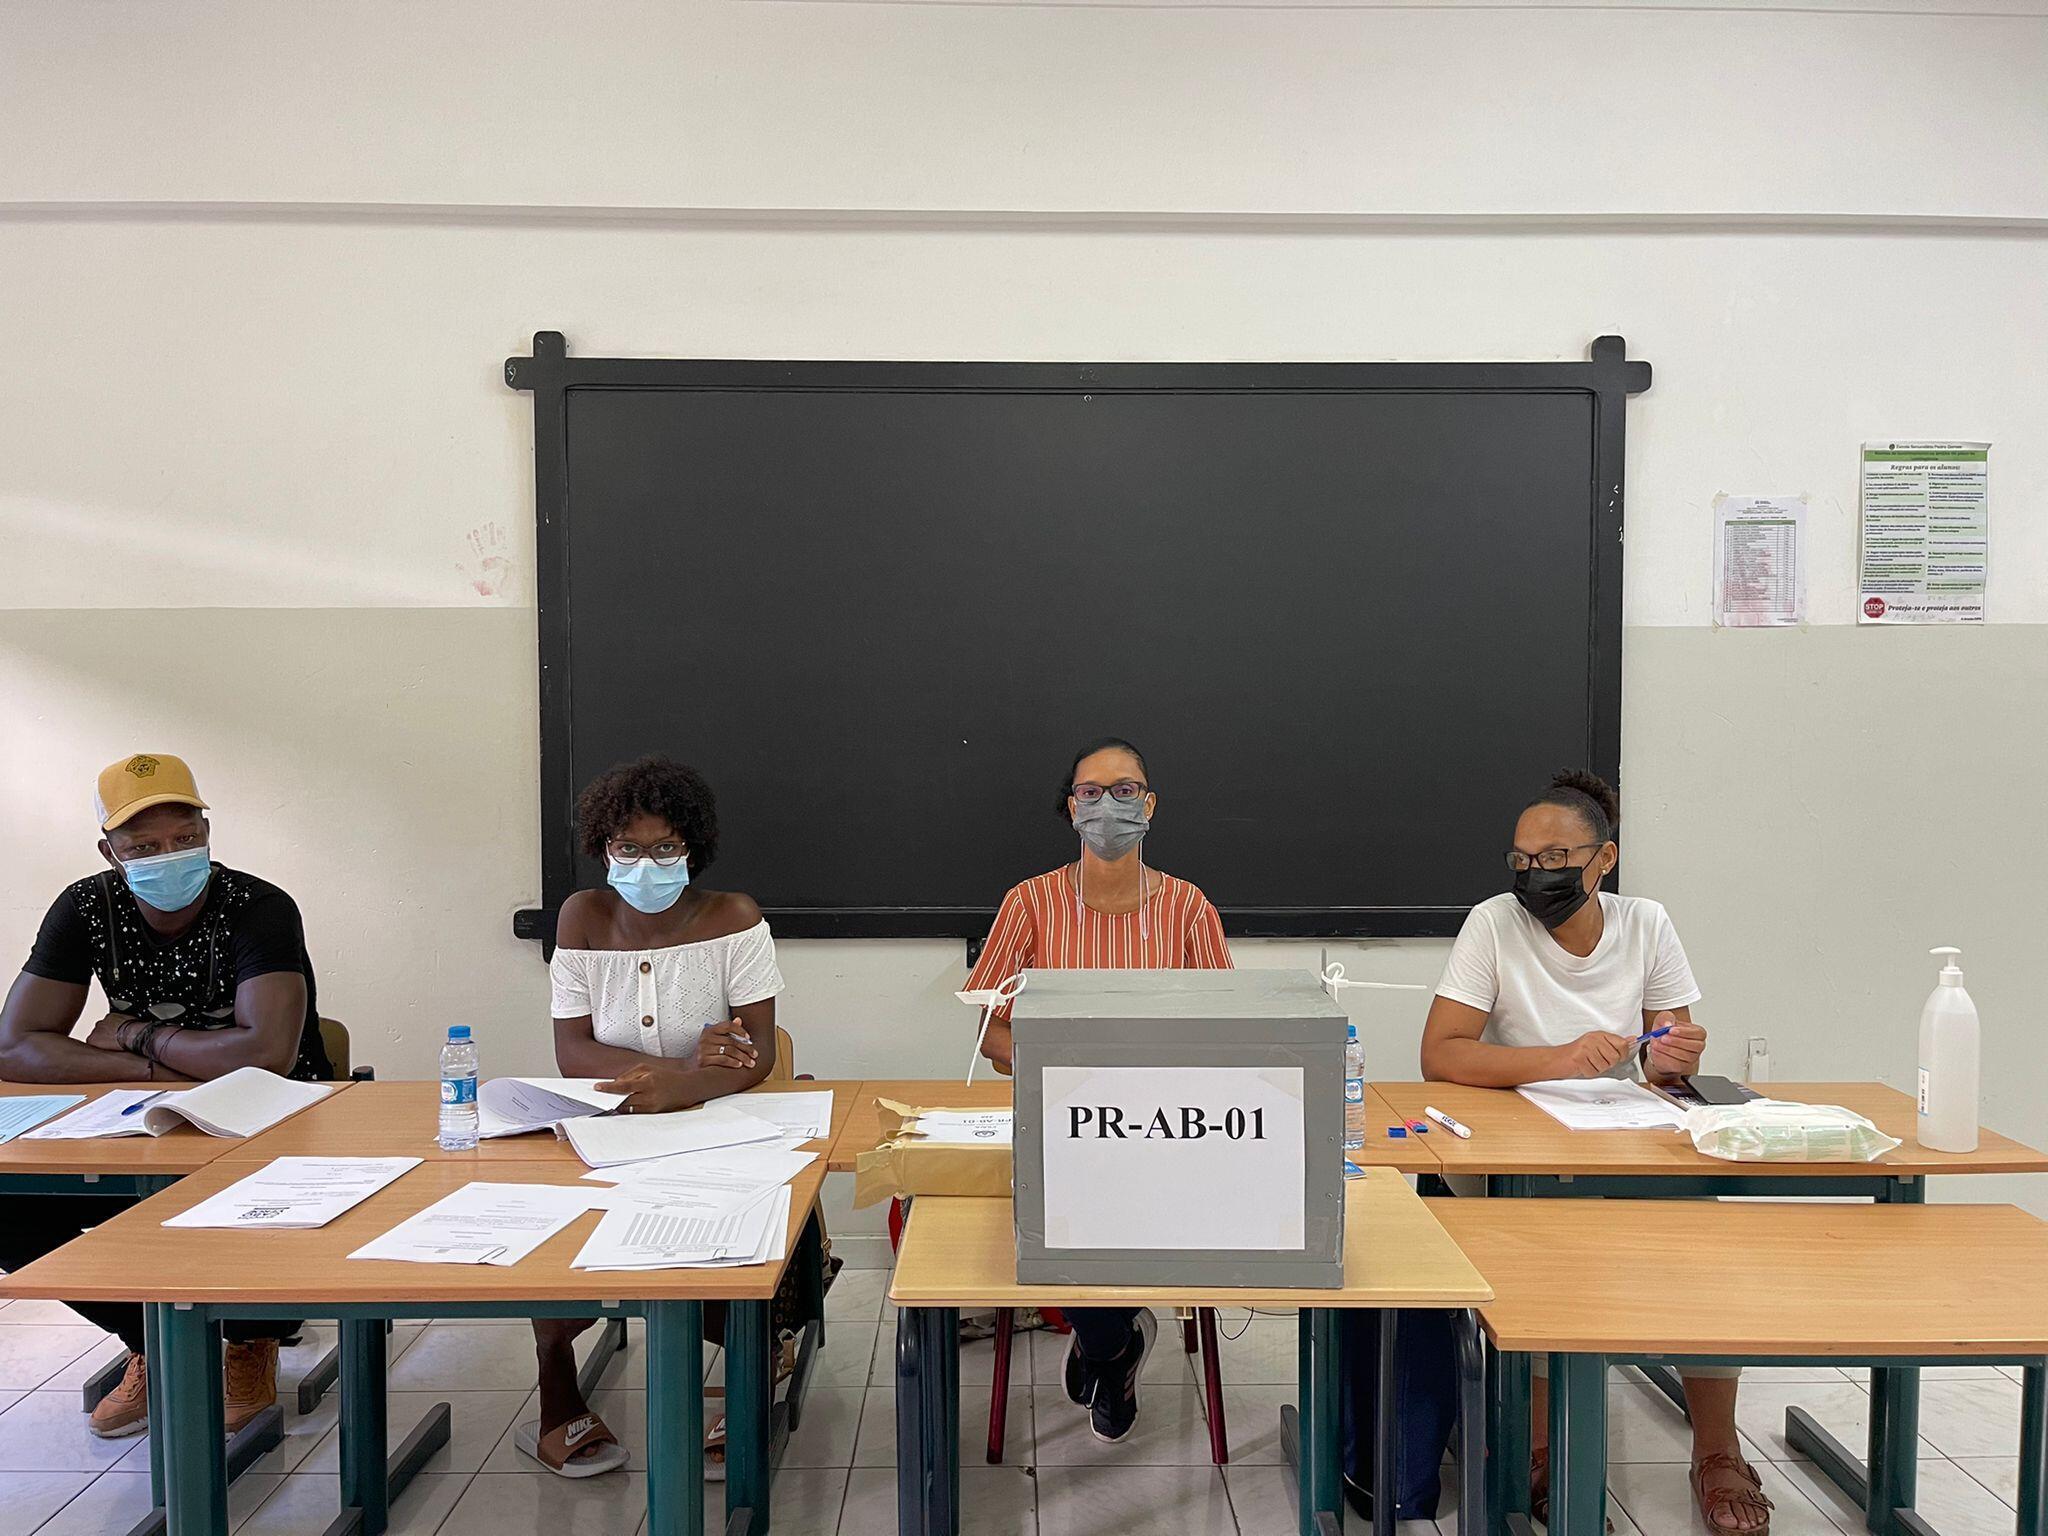 Cabo Verde - Eleições Cabo-Verdianas - Voto - Política - Presidente - Eleições